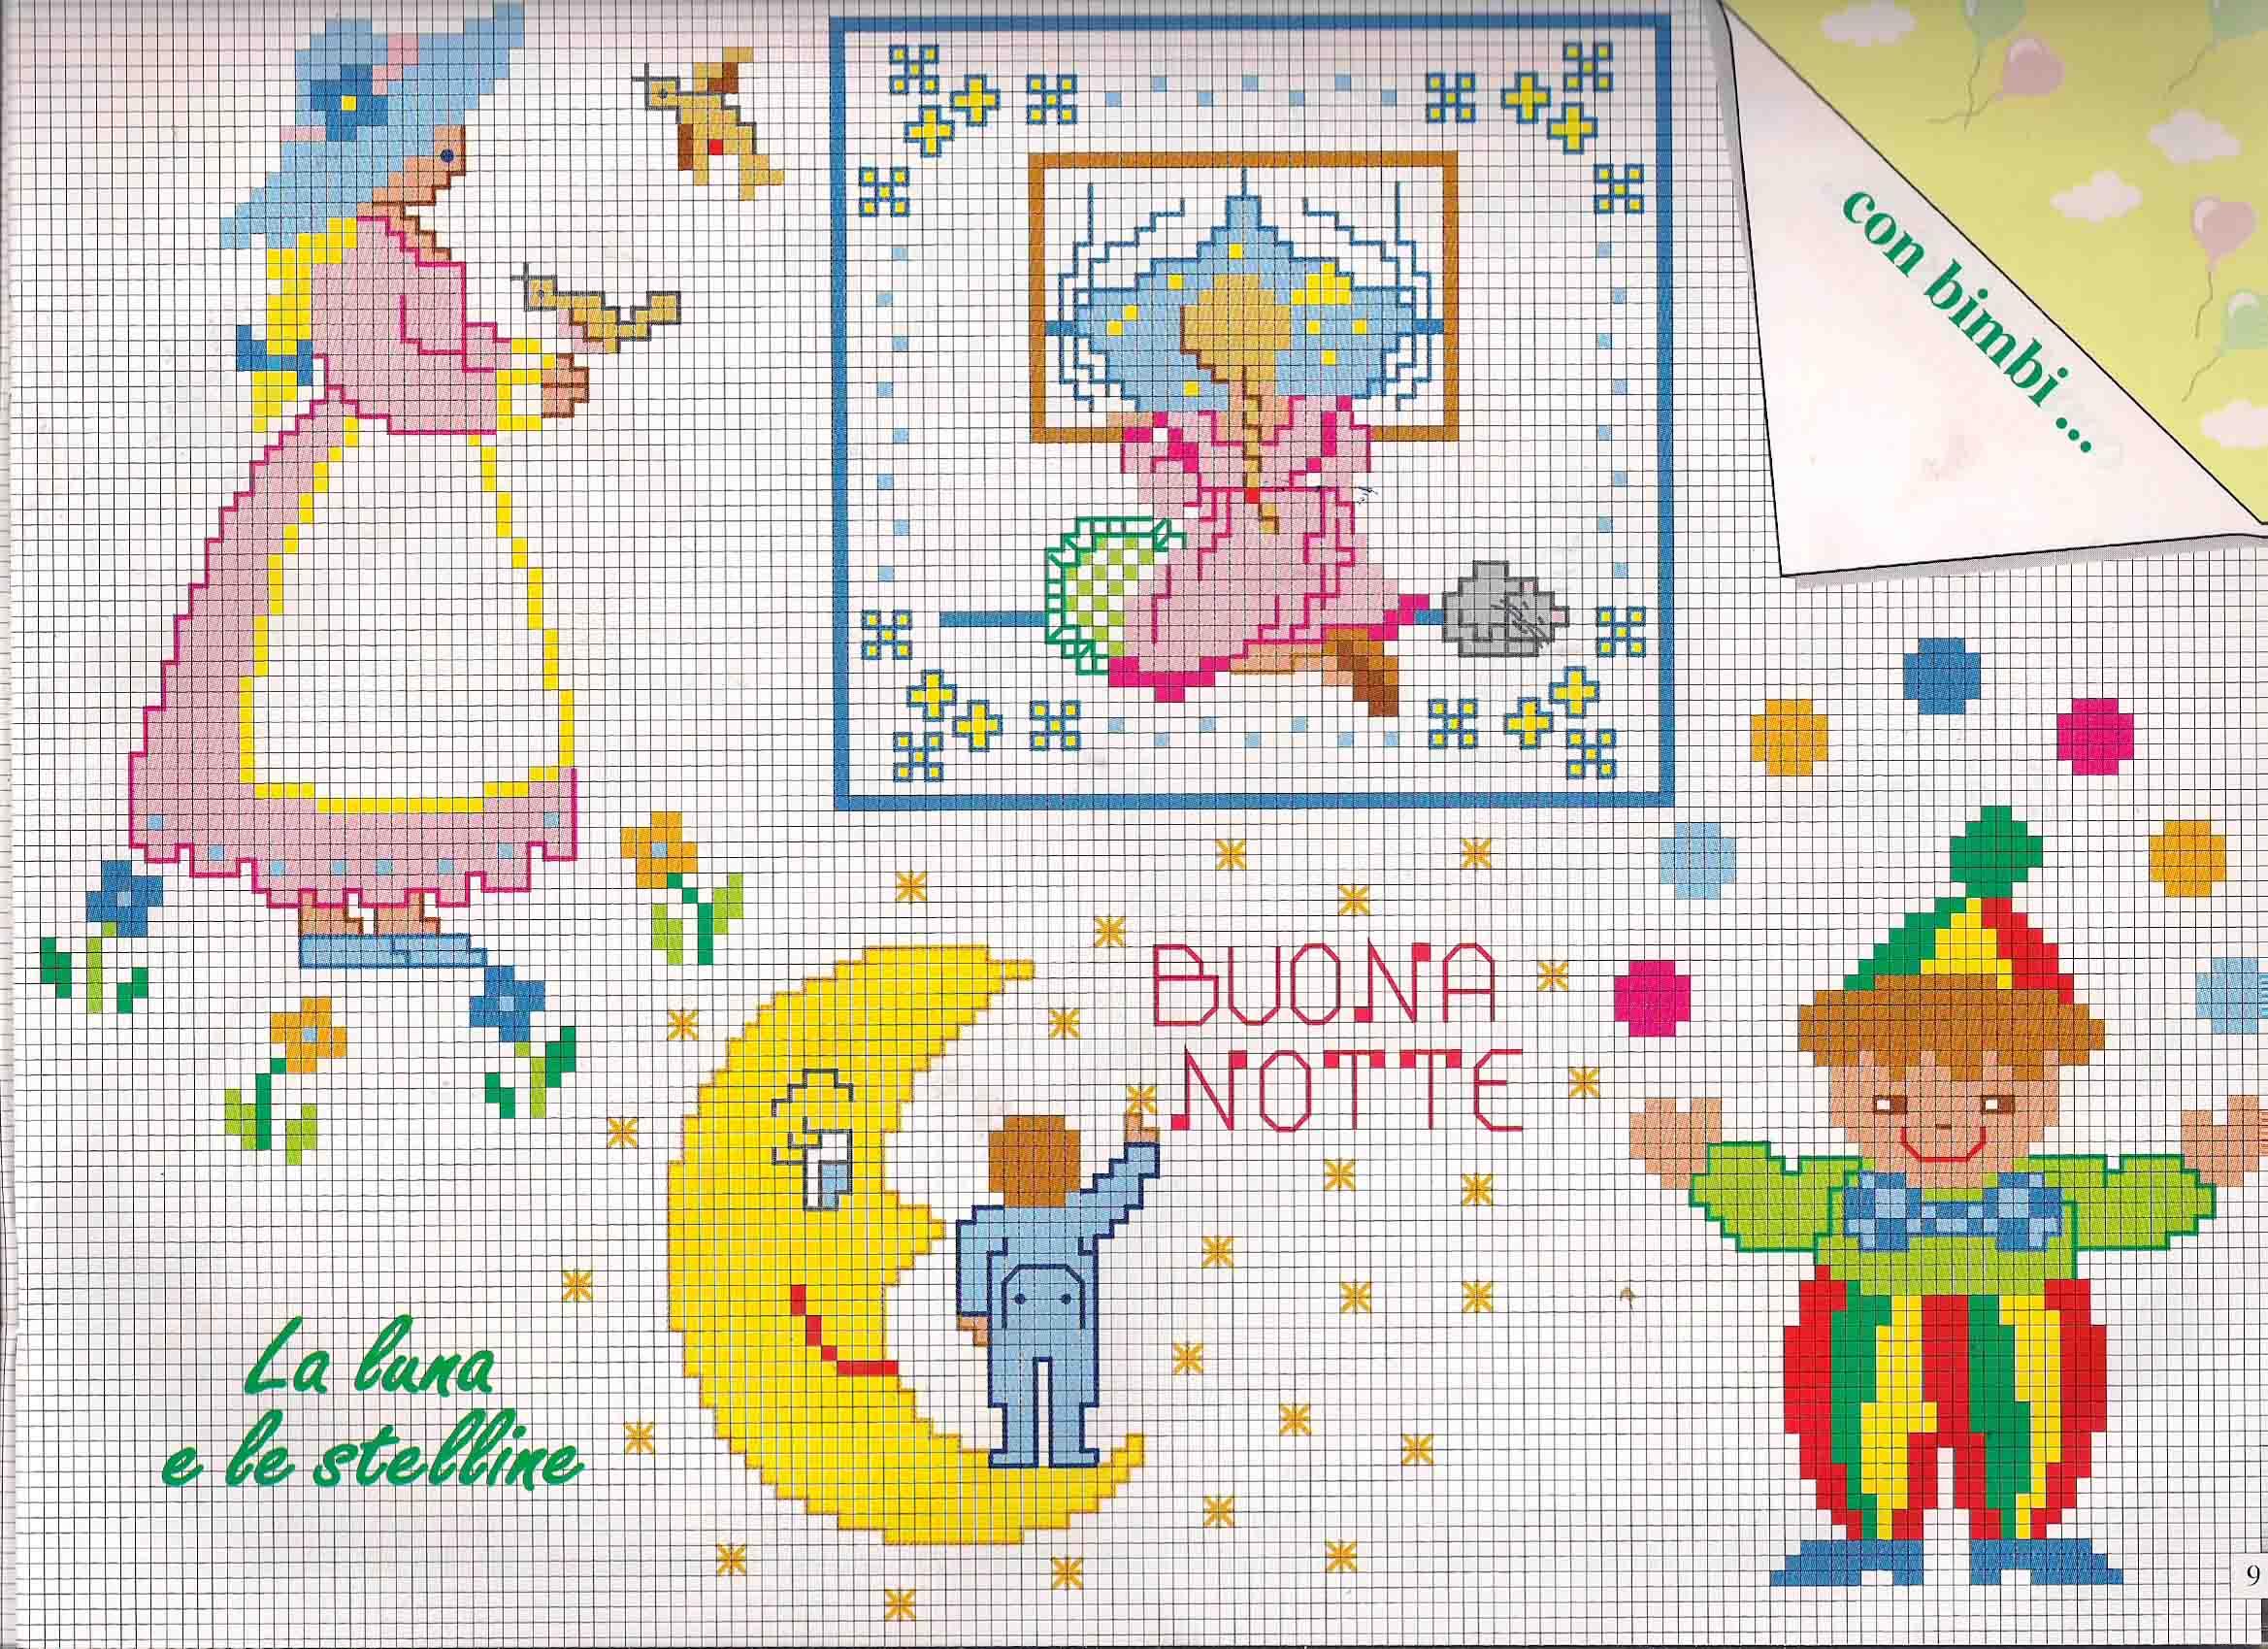 La luna e le stelline schemi punto croce bimbi for Punto croce schemi bambini